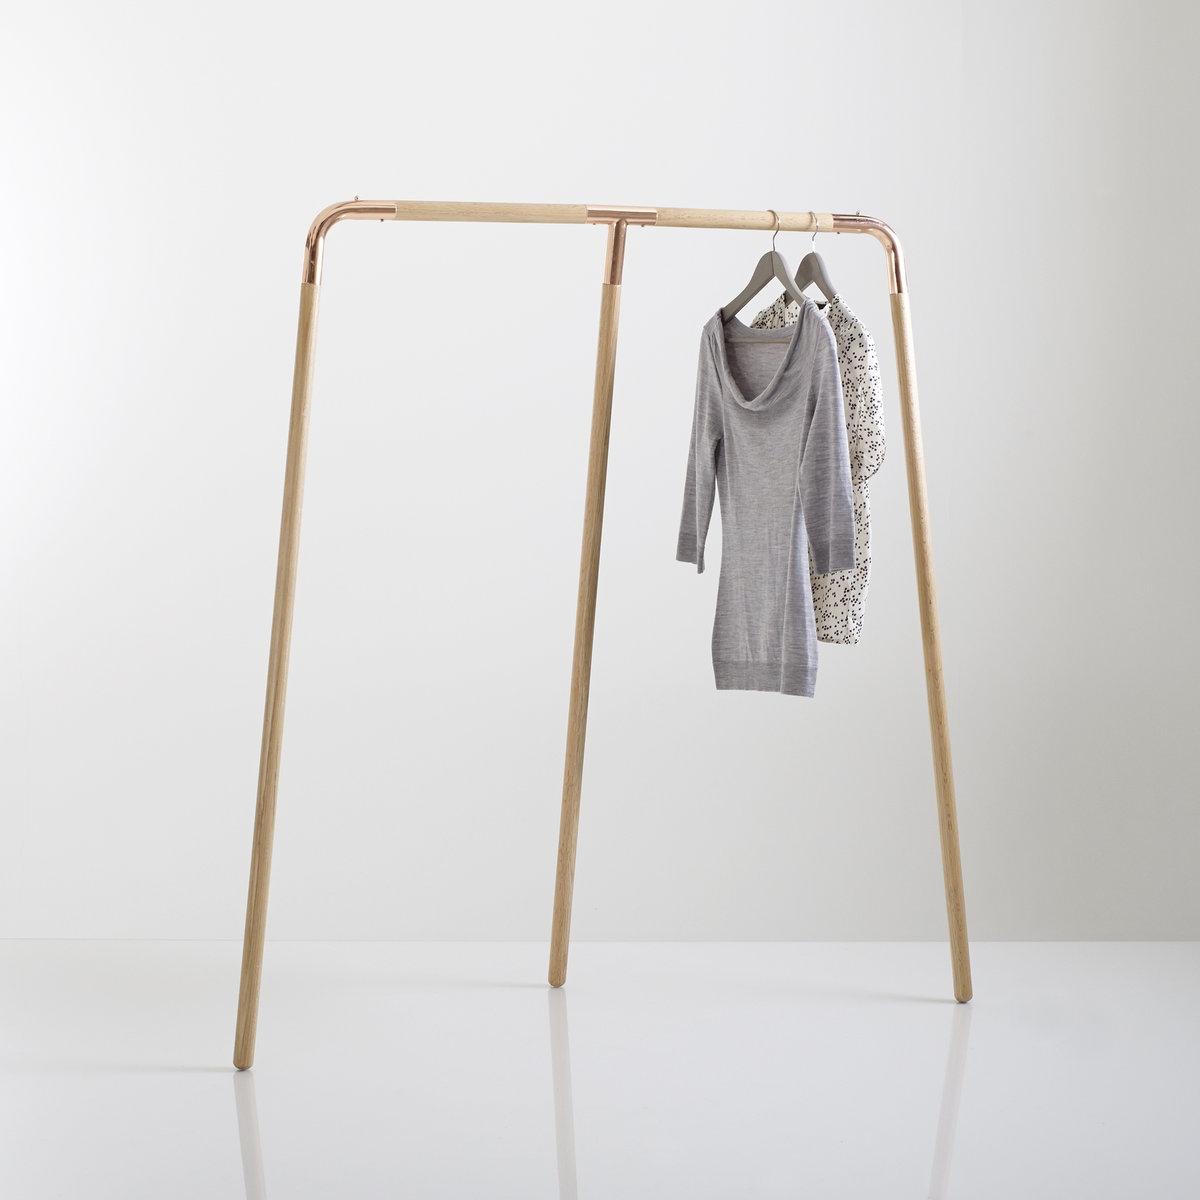 Стойка для одежды из металла и дуба, Elori бра из черного металла и металла с отделкой под латунь elori